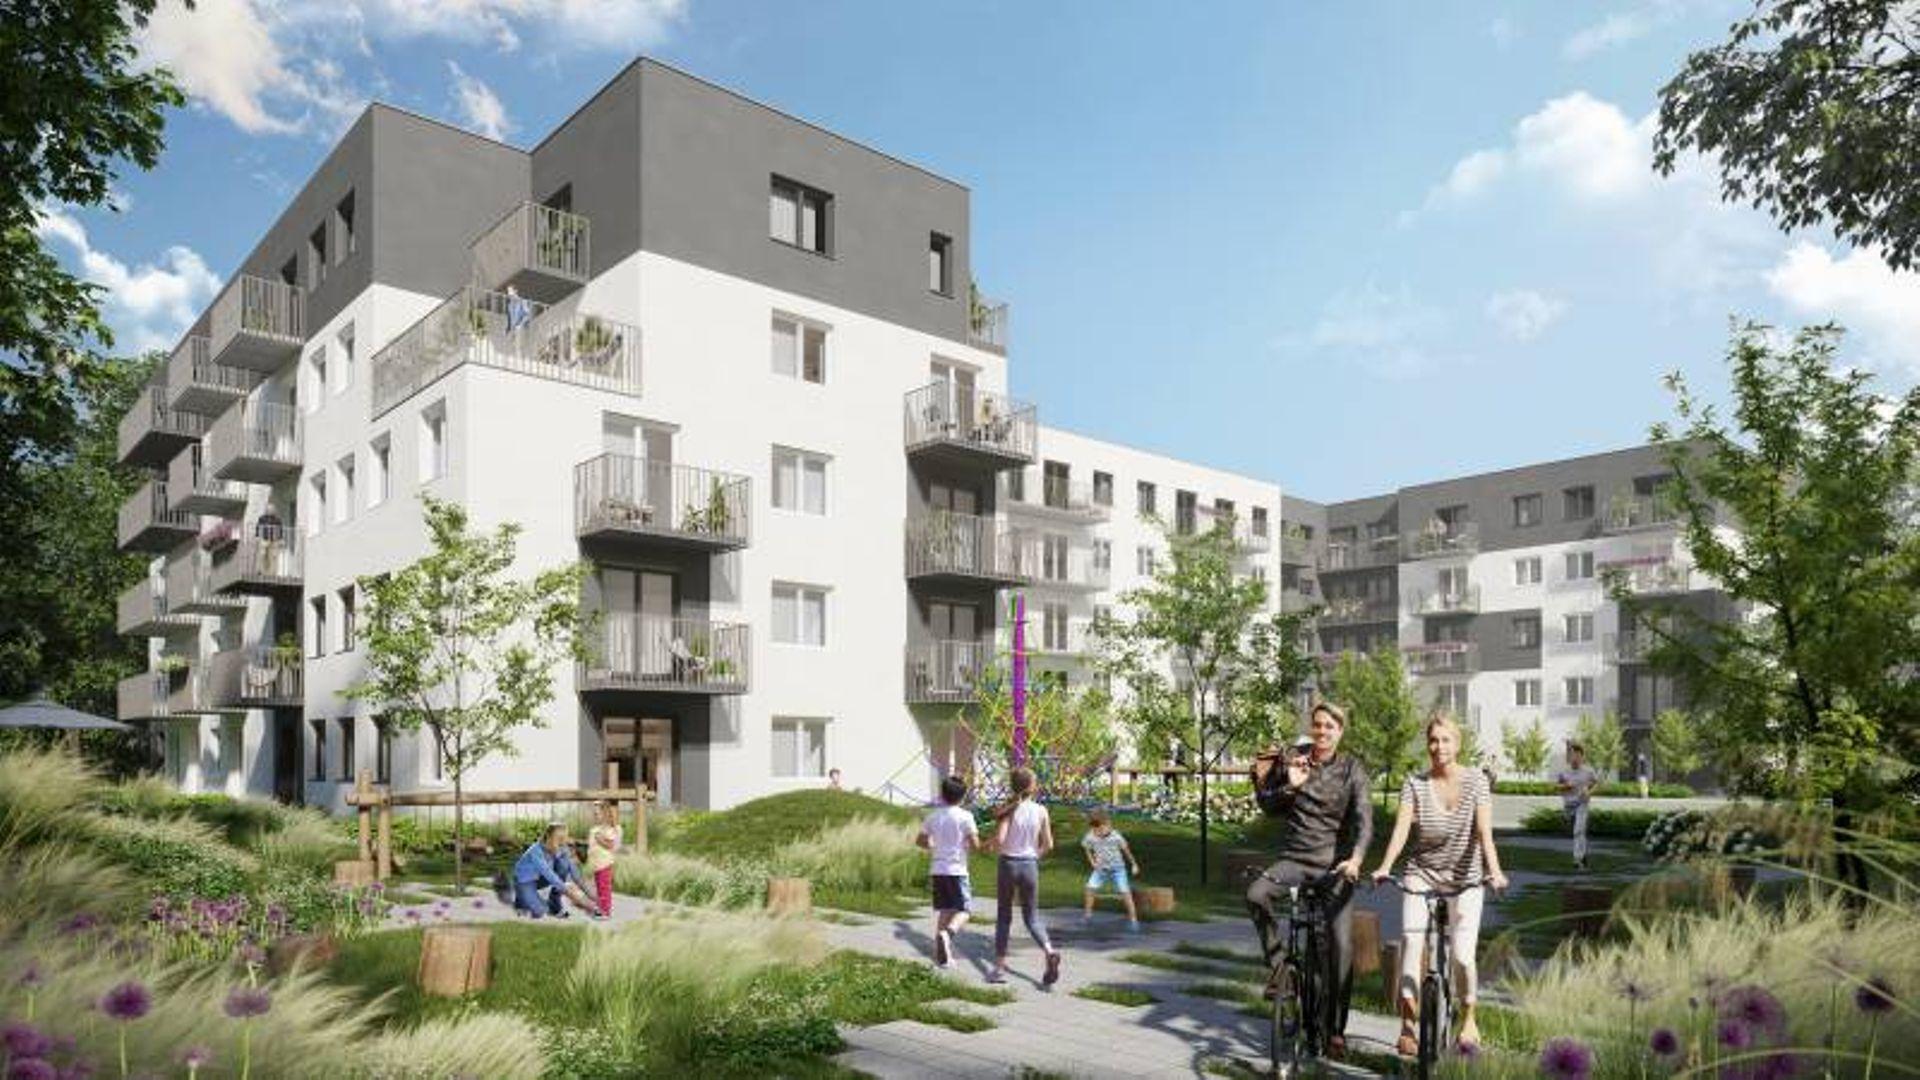 Wrocław: Stacja 3.0 – Echo Investment ruszyło z budową ponad 200 mieszkań na Muchoborze Wielkim